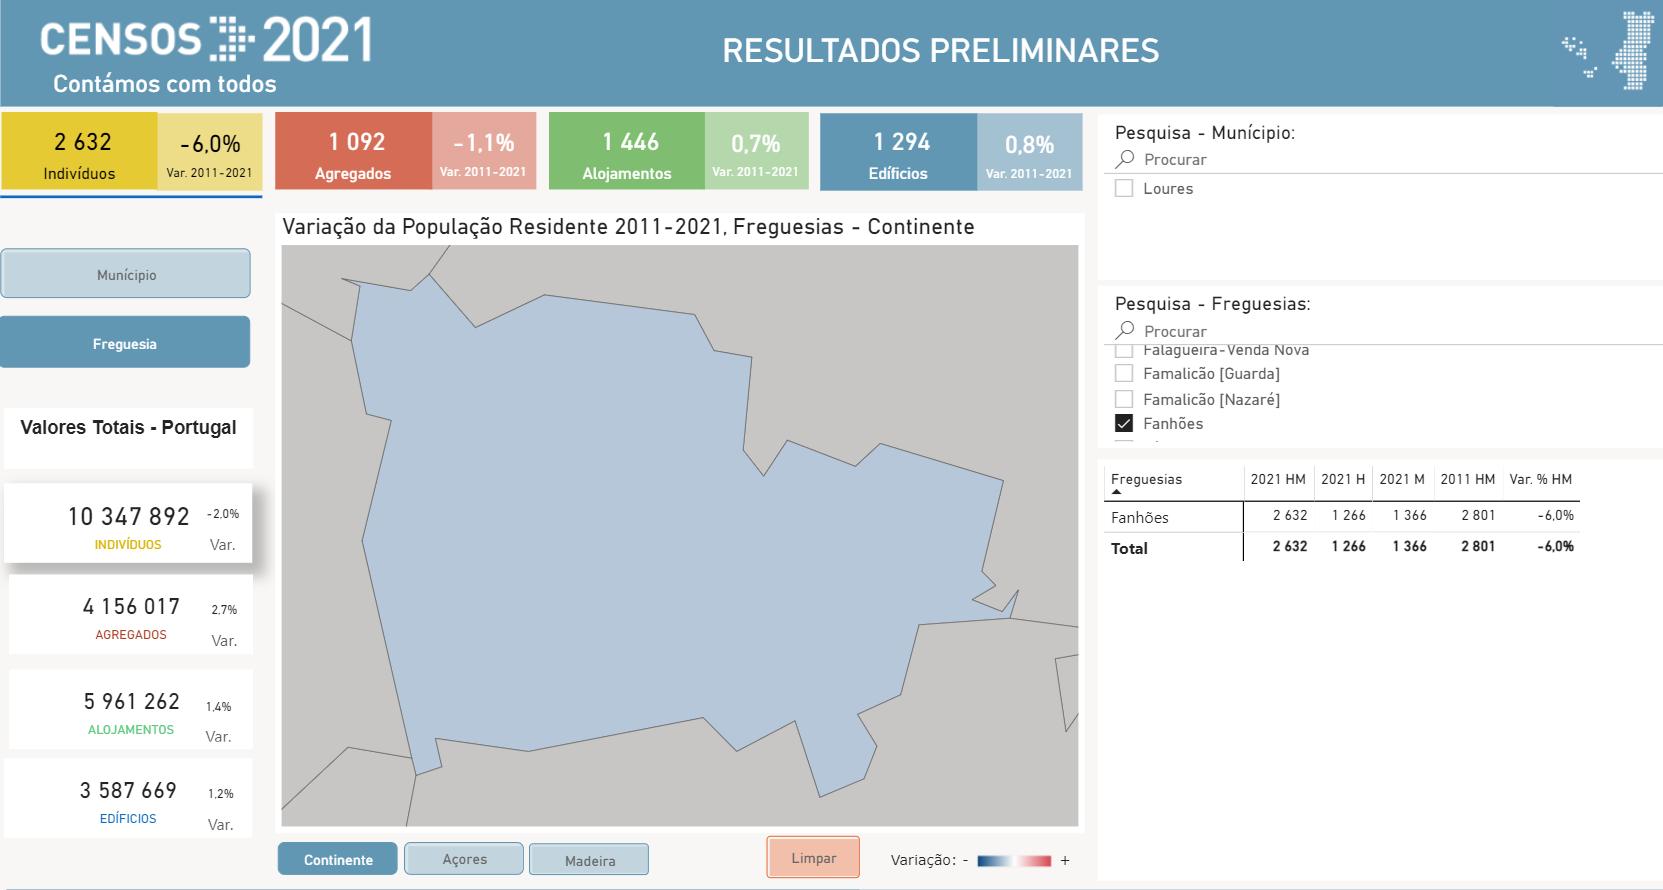 Censos 2021 – Resultados preliminares da Freguesia de Fanhões.